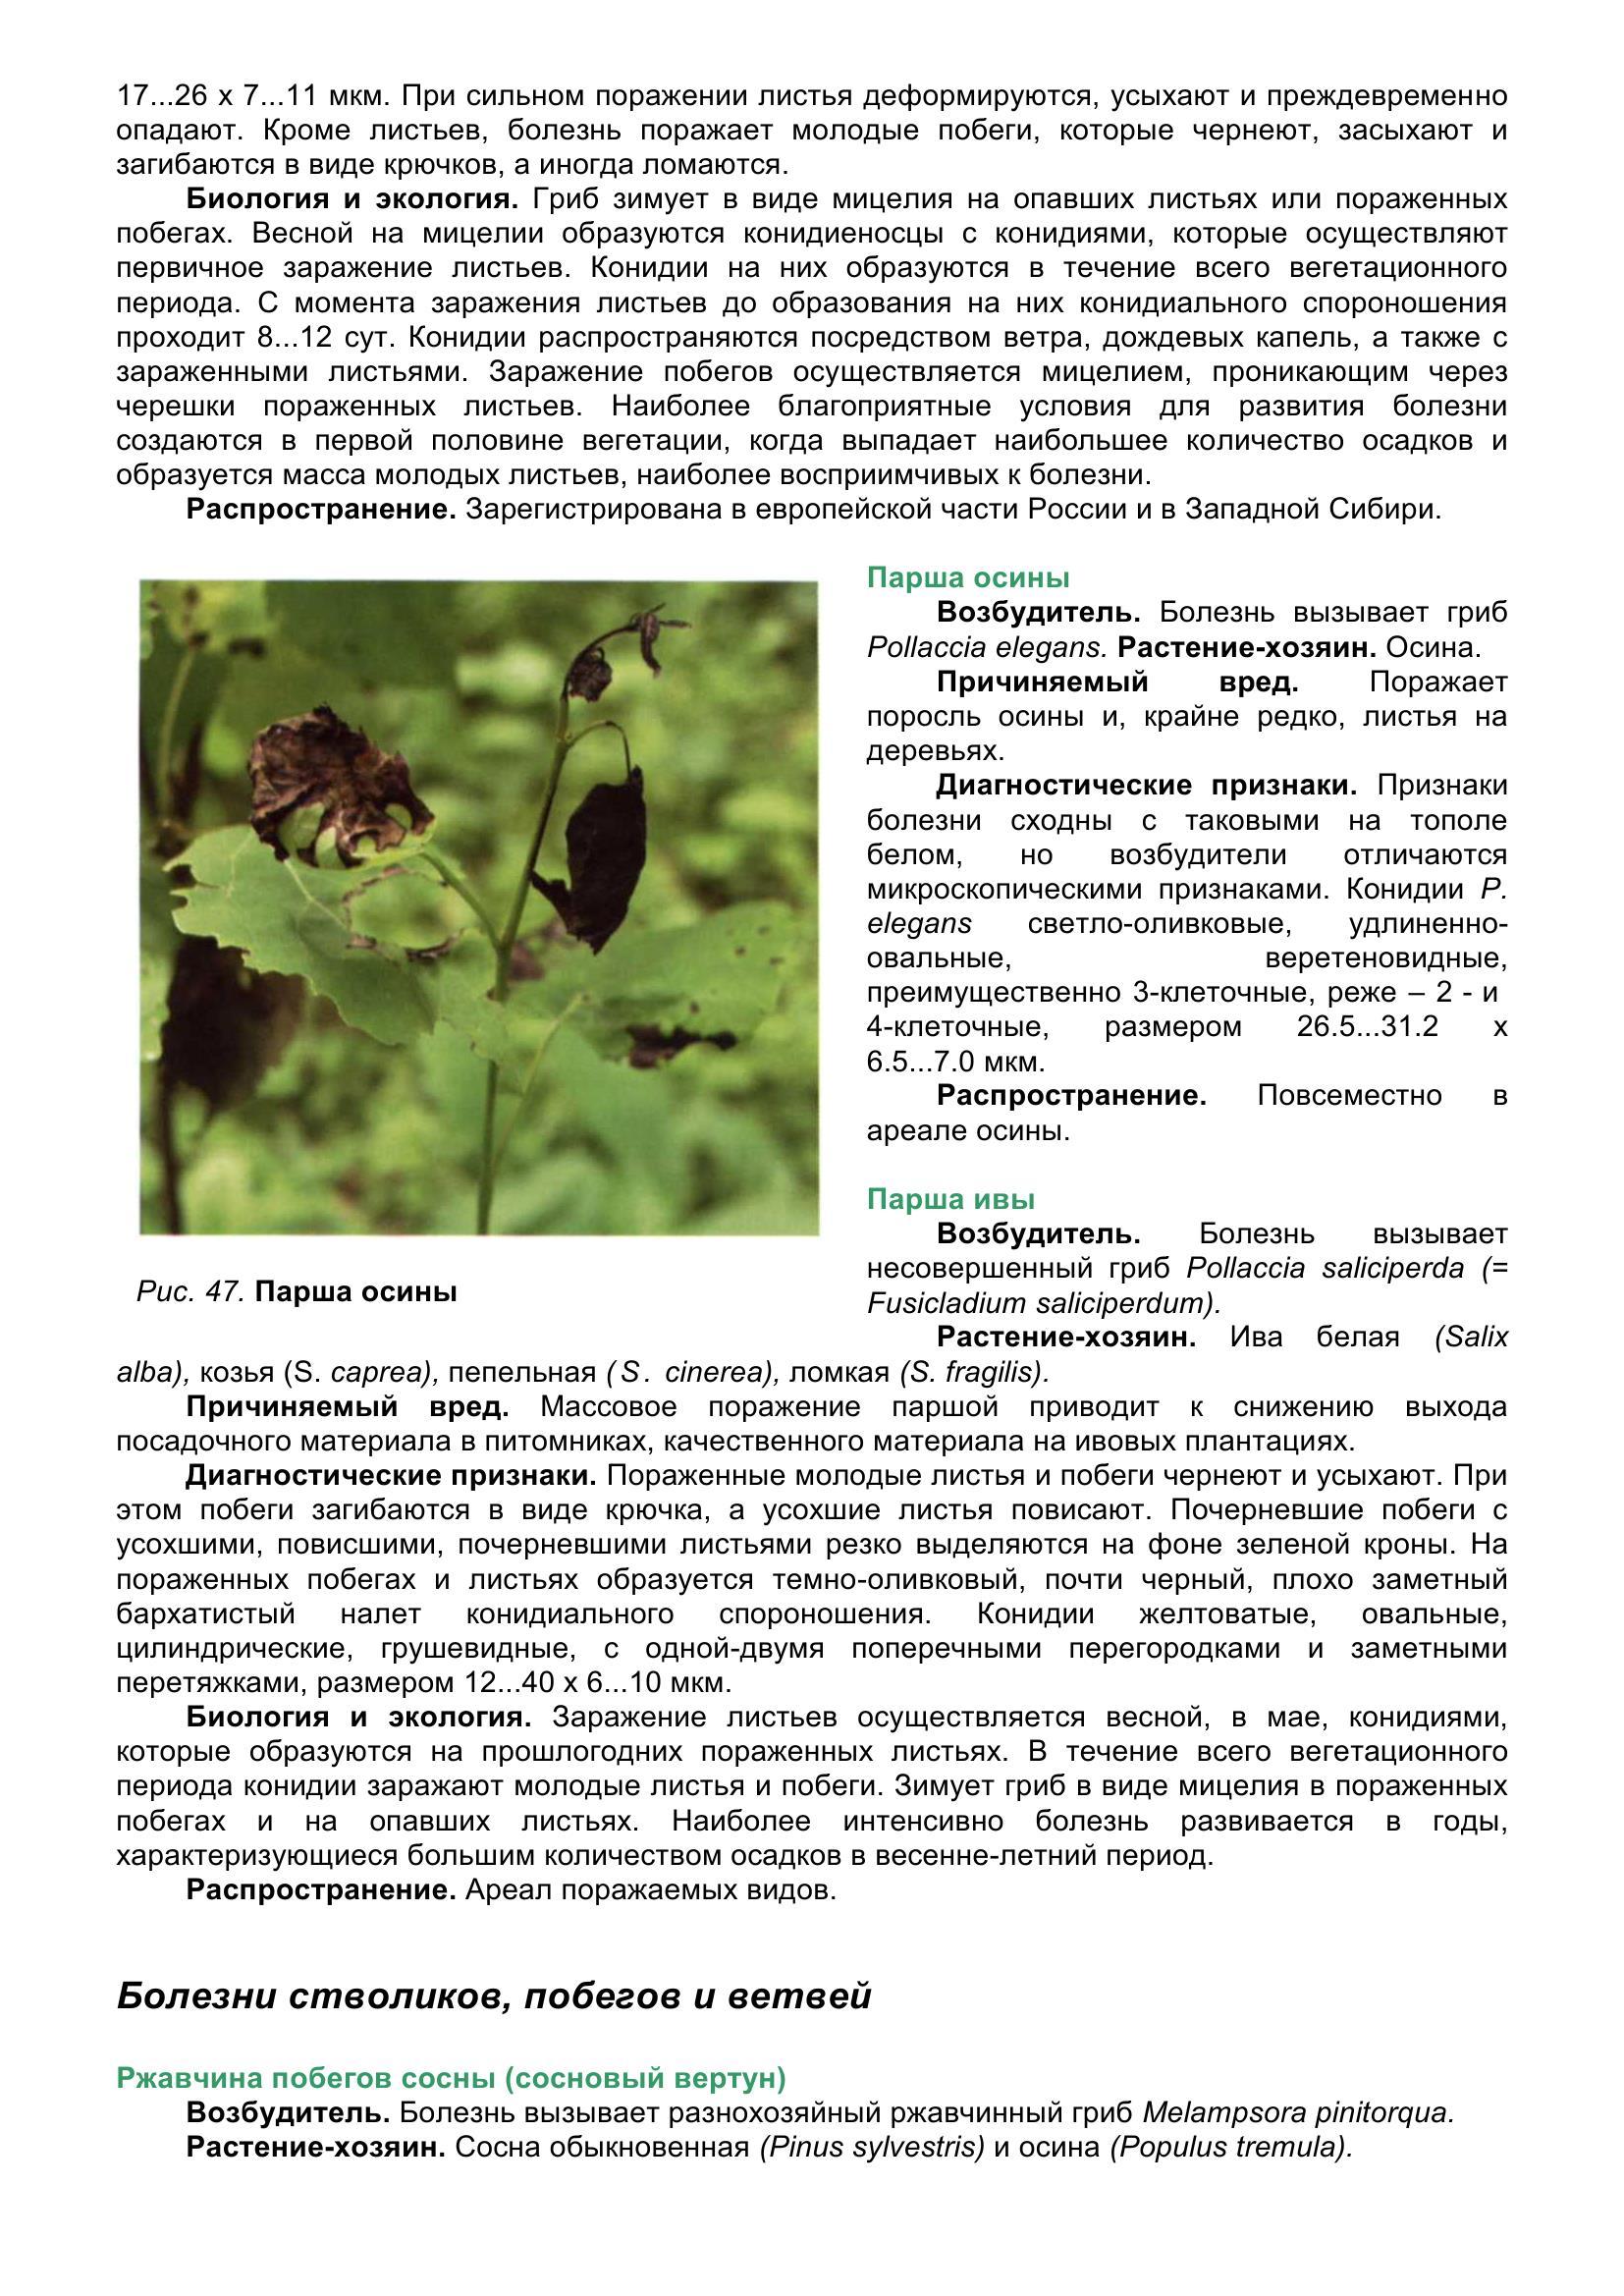 Болезни_древесных_растений_059.jpg